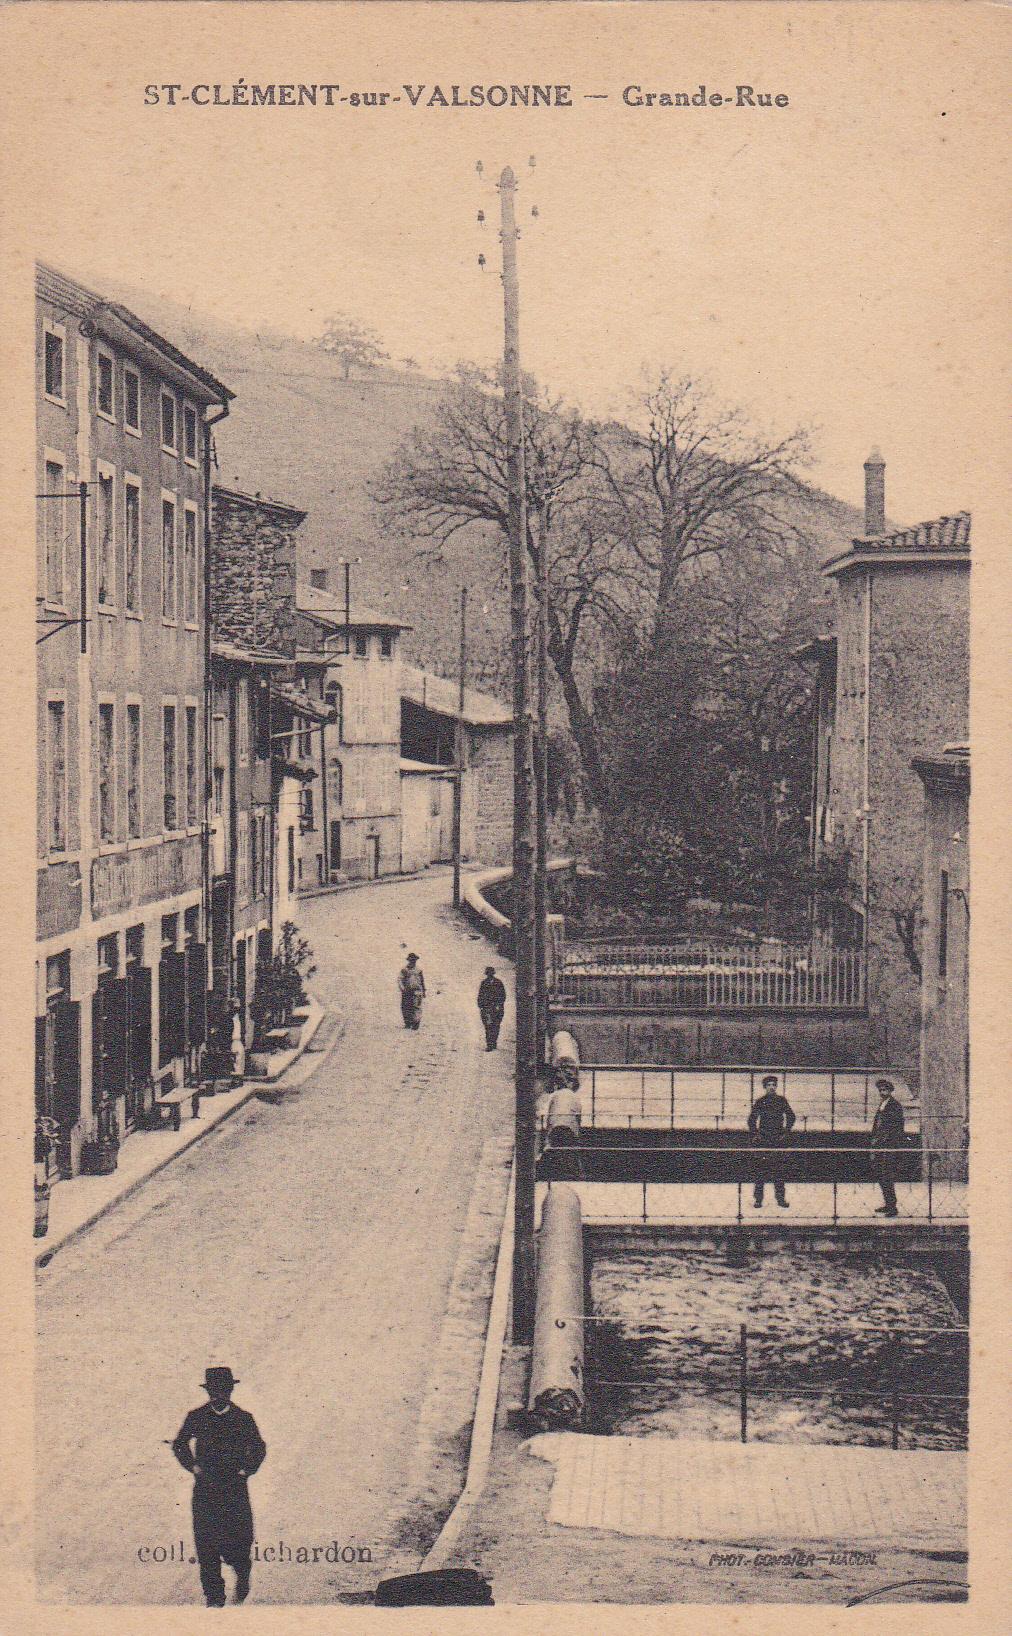 69. Clément sur Valsonne (St) 1.jpg